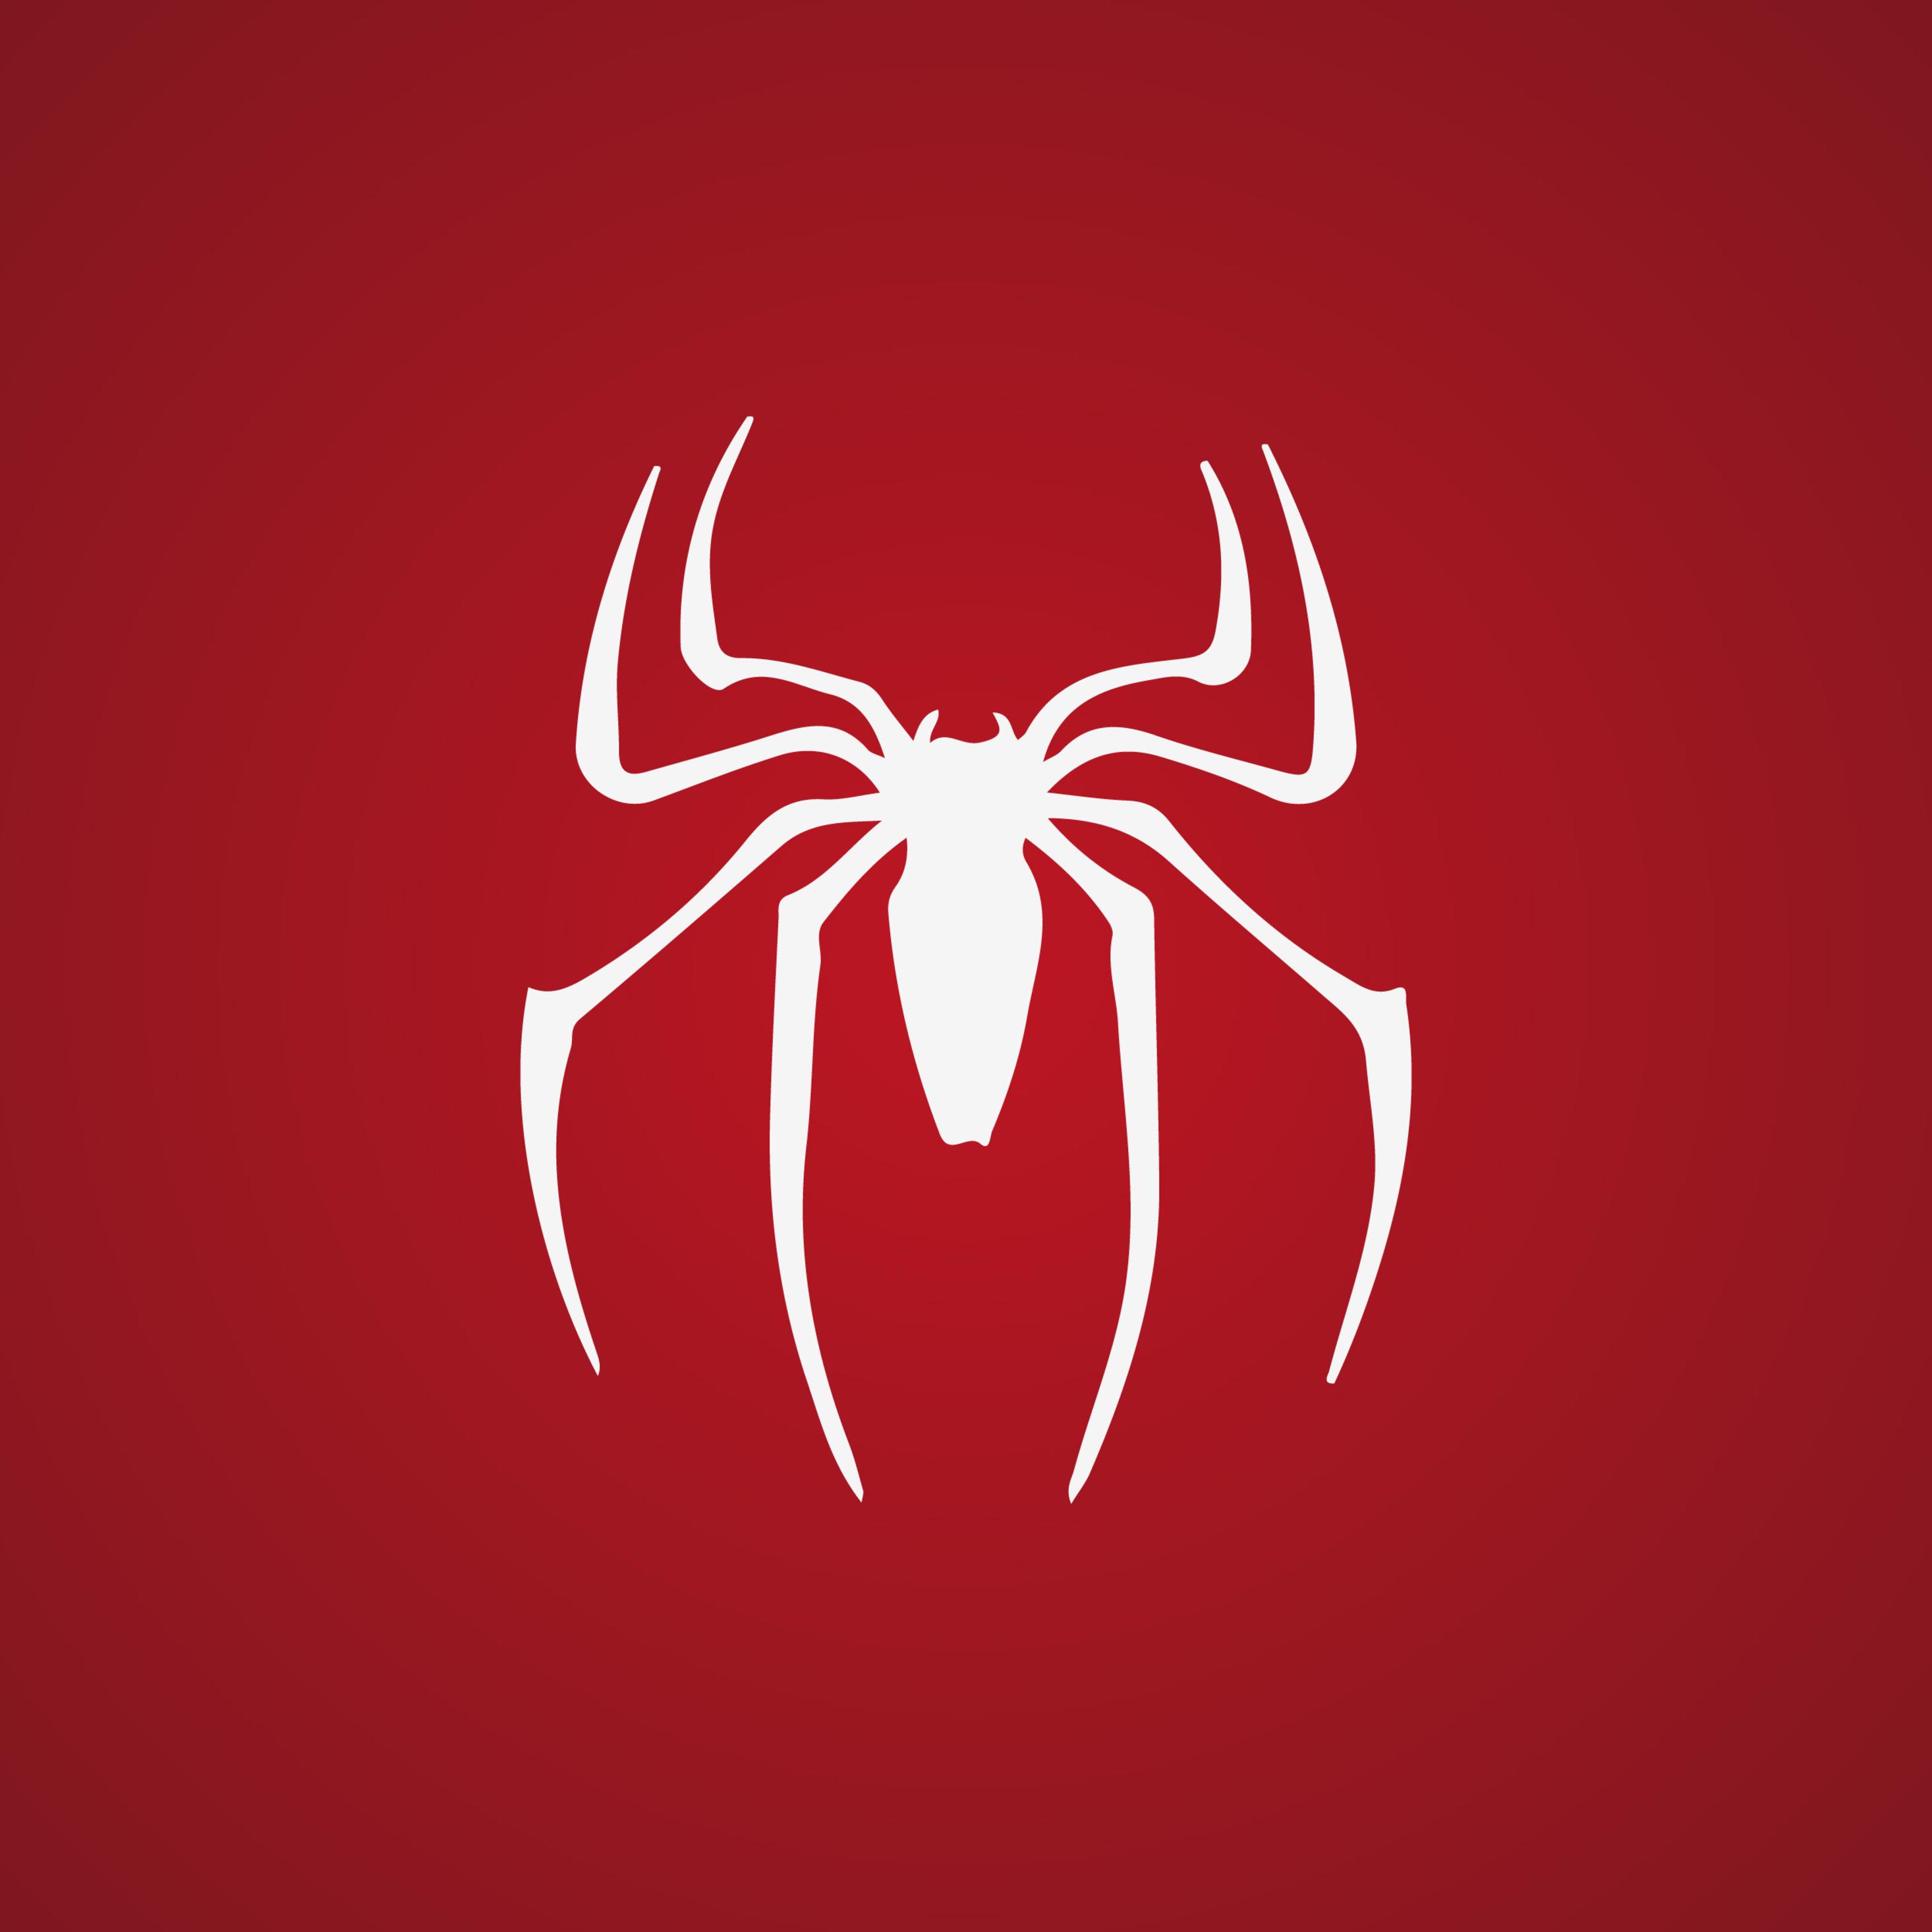 2932x2932 Spiderman Logo 4k Ipad Pro Retina Display HD 4k ...